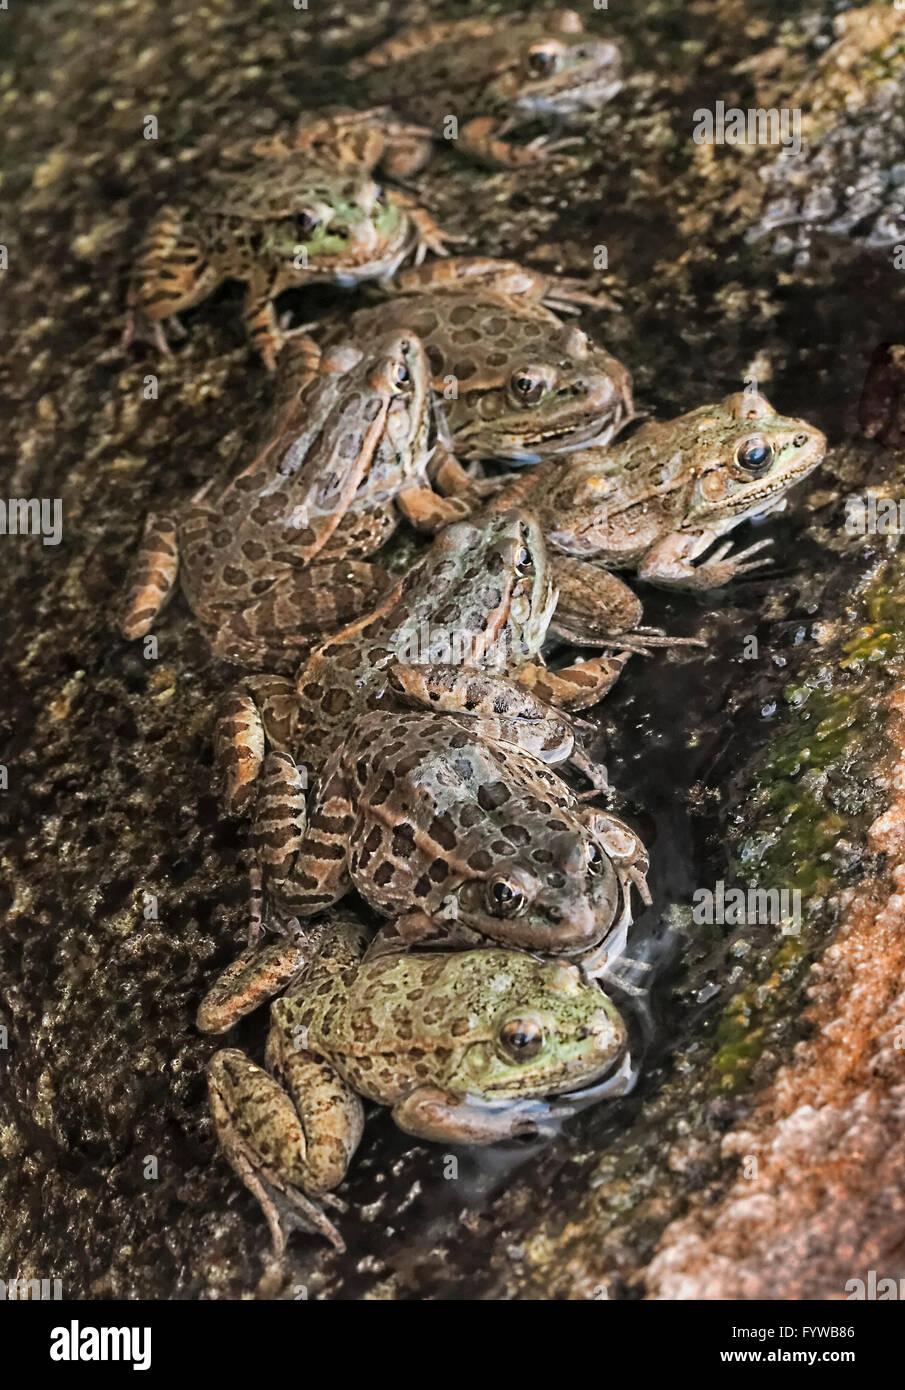 Las tierras bajas, la rana leopardo (Rana yavapaiensis) hombres se reúnen en piscinas de cría en días Imagen De Stock